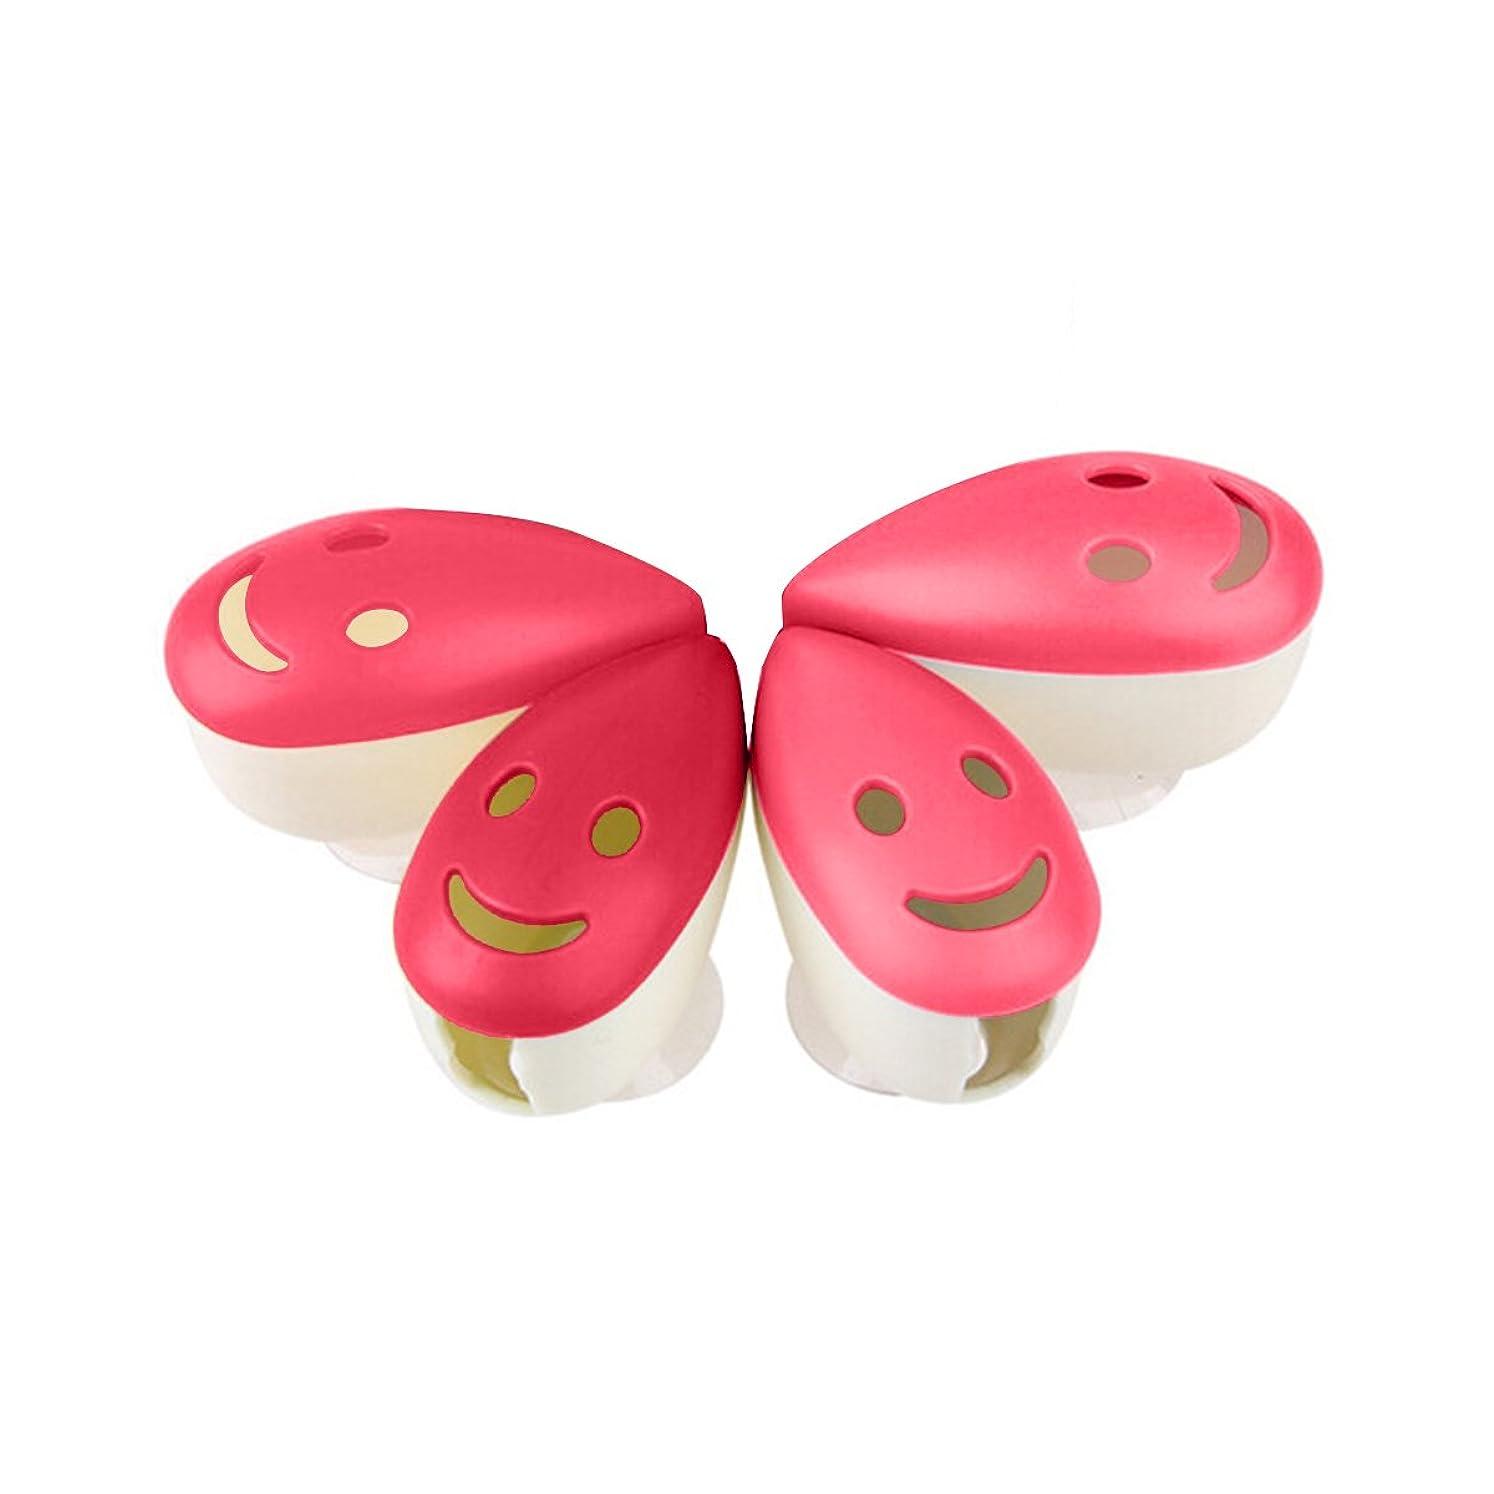 シャベルブームトロピカルROSENICE 歯ブラシケース4個のスマイルフェイス抗菌歯ブラシホルダーサクションカップ(混合色)